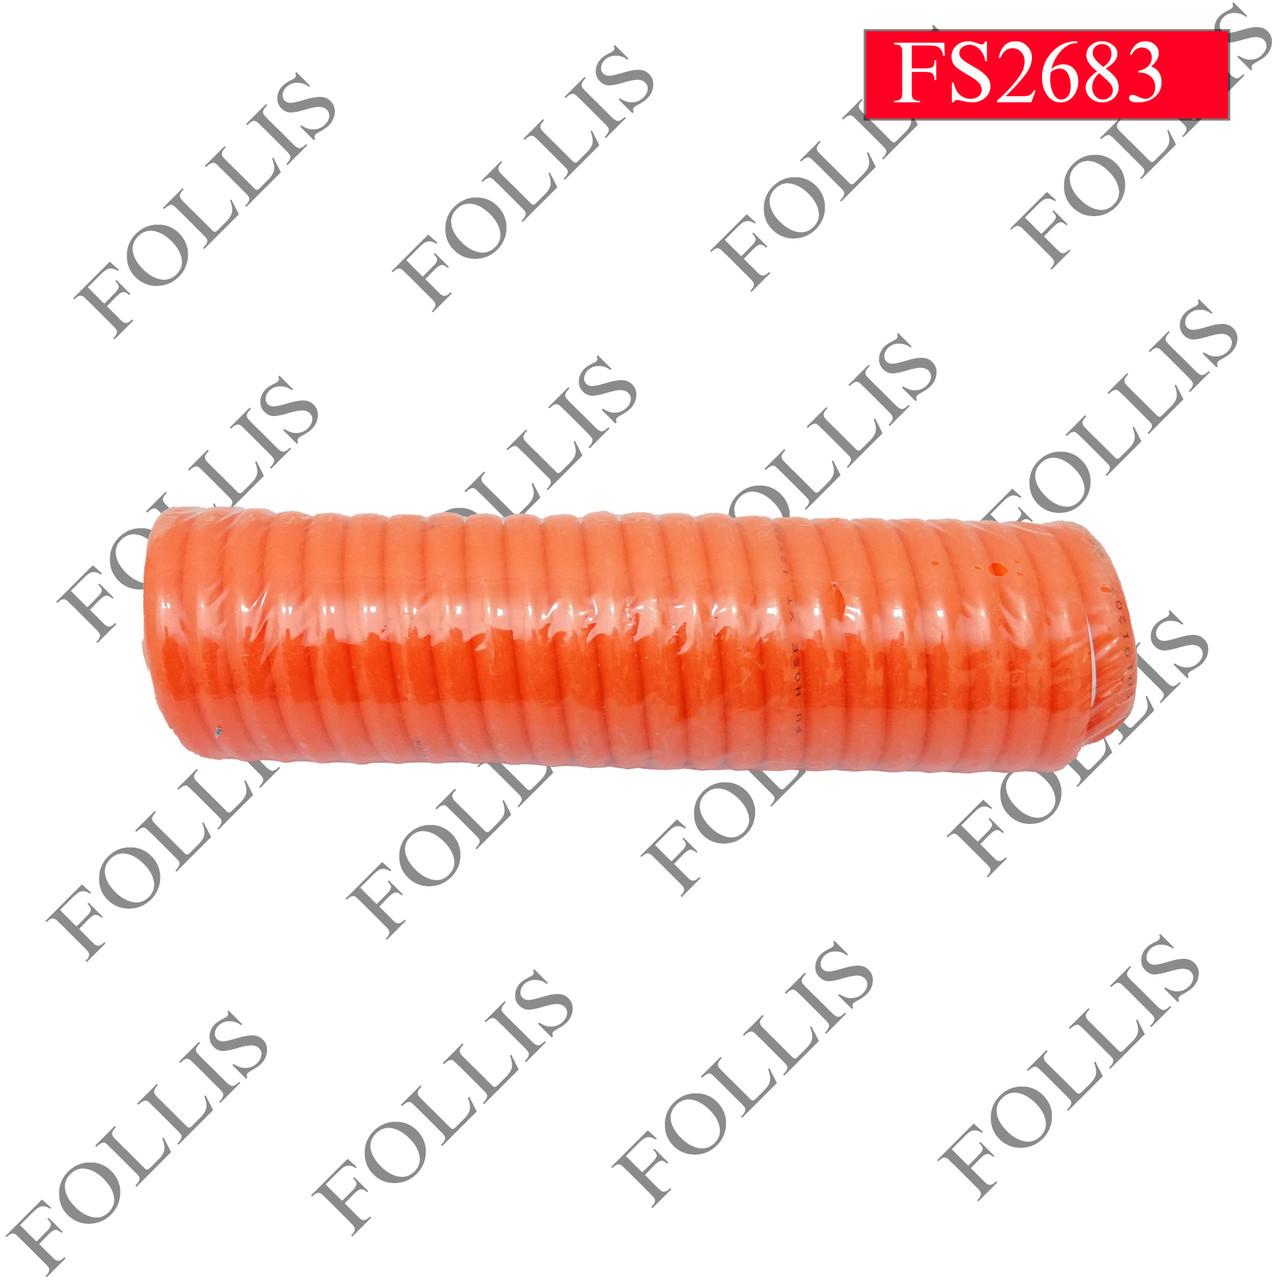 Шланга пружинная PU-10x6.5 6M